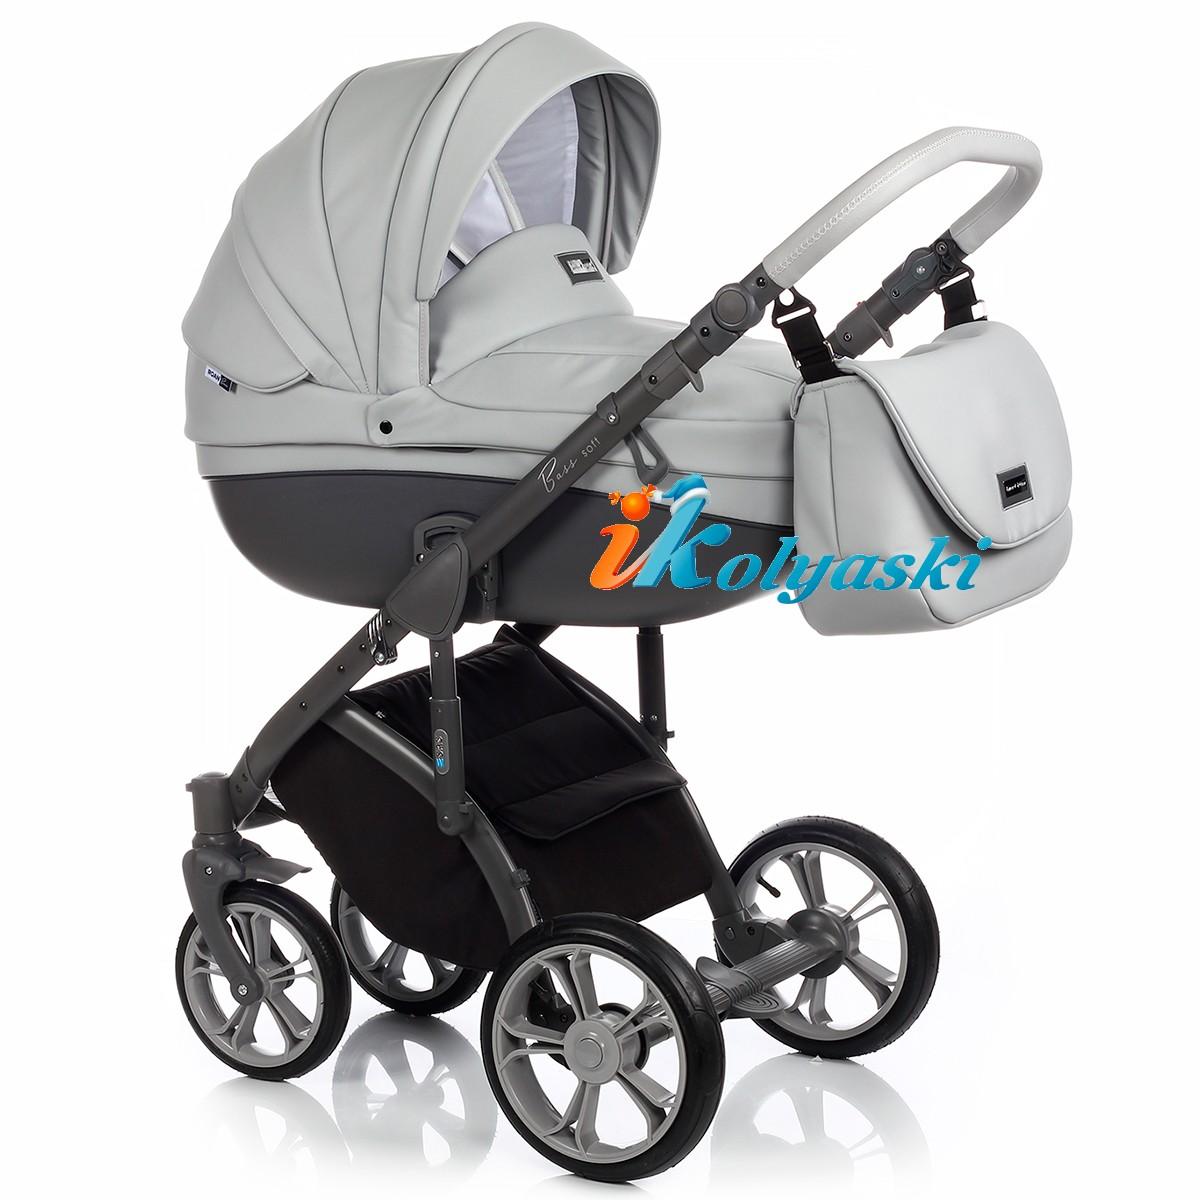 Детская коляска для новорожденных Roan Bass Soft LE, 3 в 1, Роан Басс Софт с автокреслом группы 0+ Roan Poppy, ECO-LEATHER COLLECTION color DOVE GREY